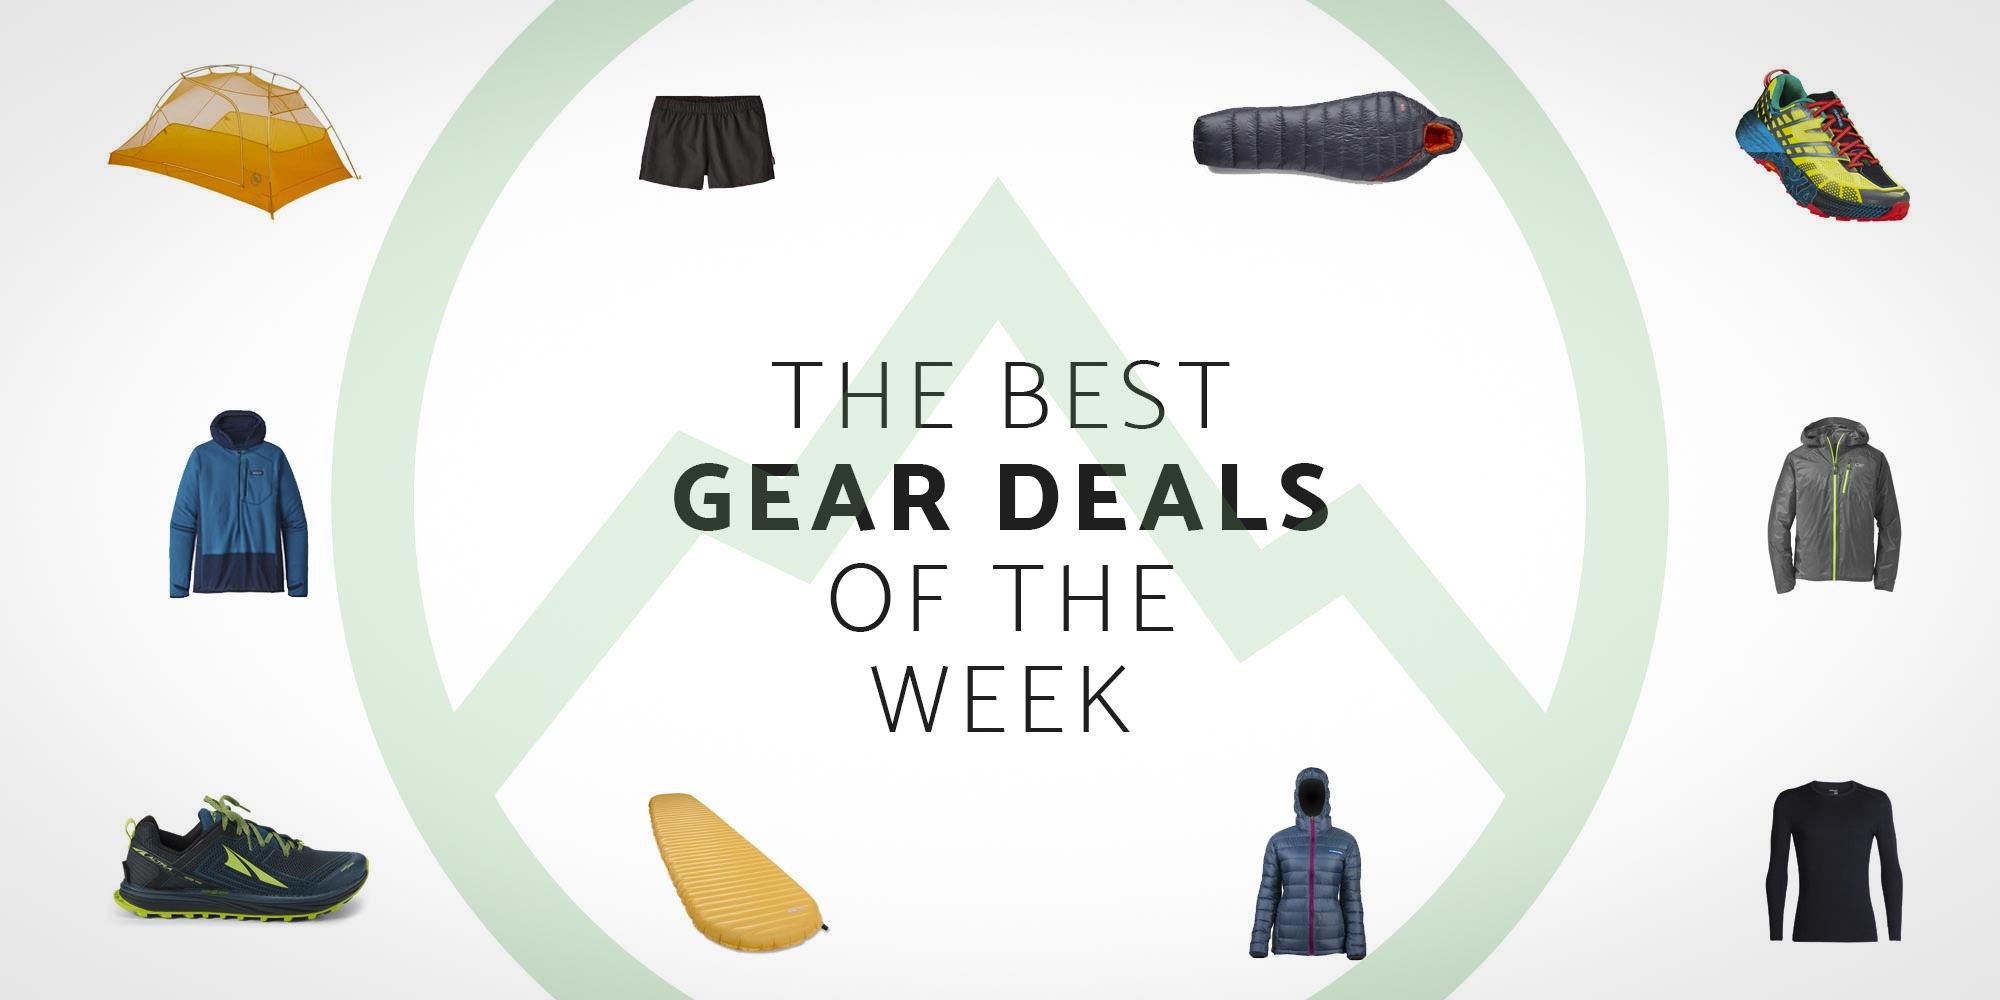 The Best Outdoor Gear Deals of the Week: Week of 5/20 - The Trek